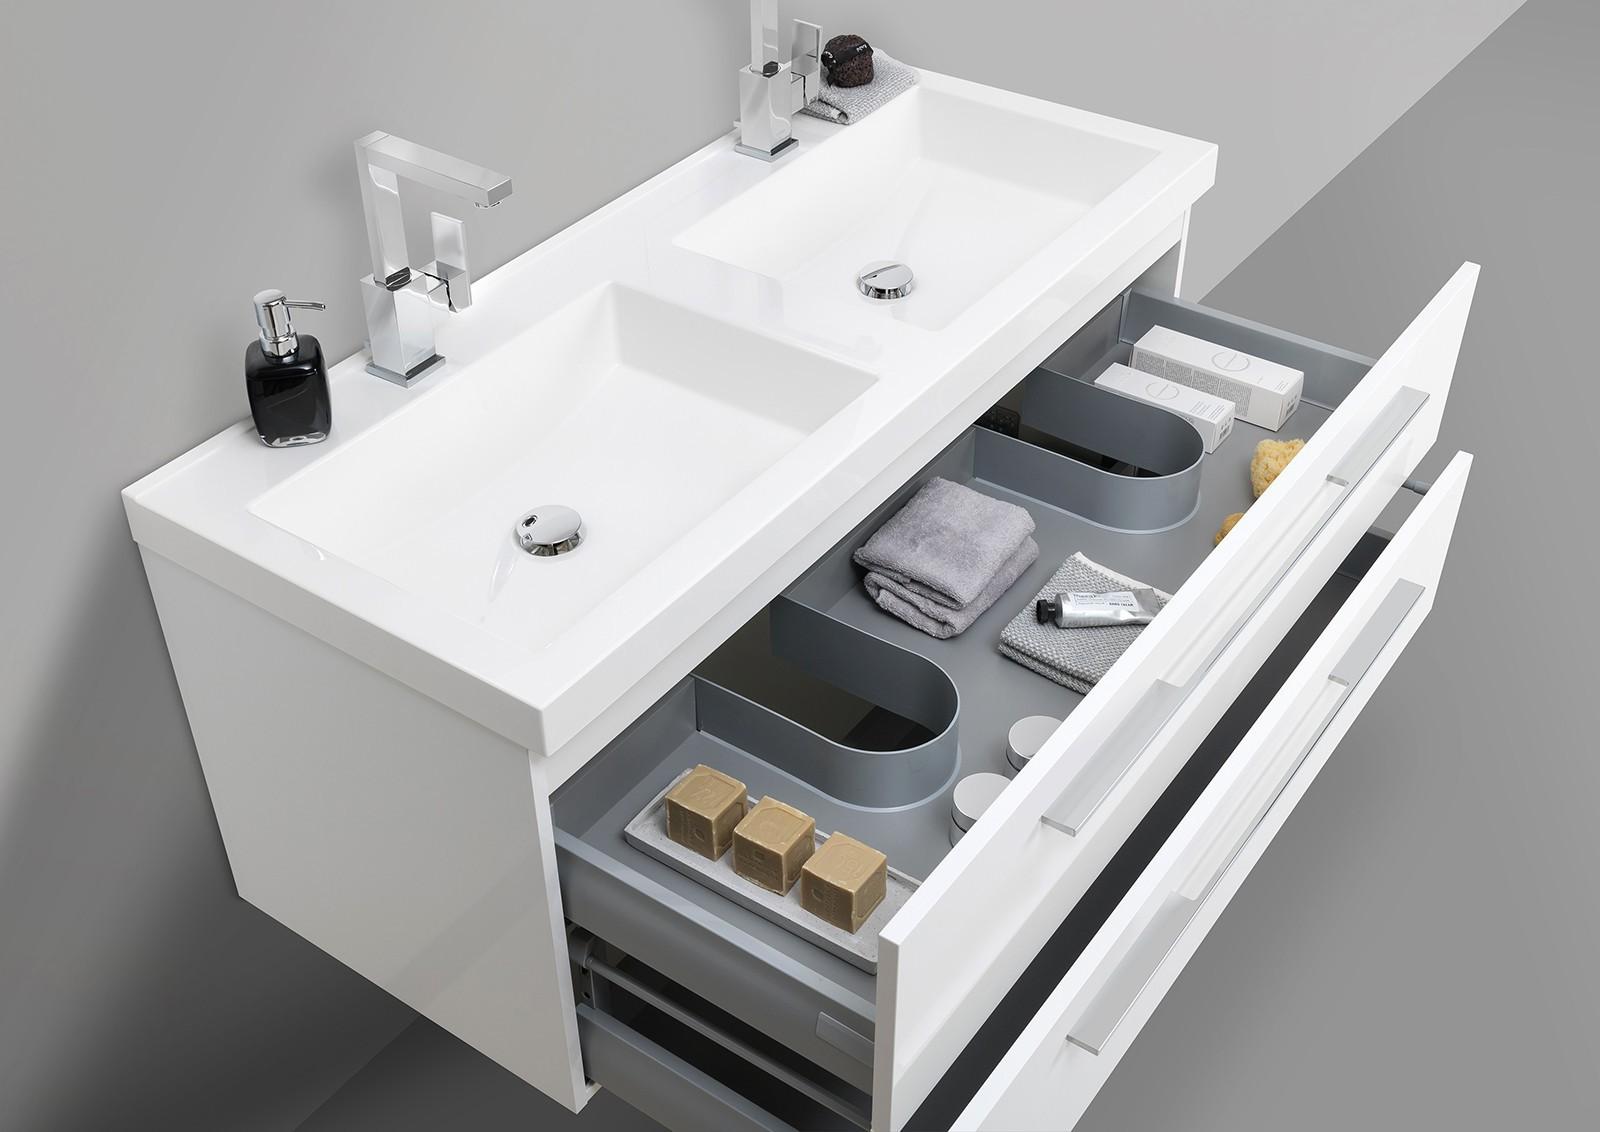 Doppelwaschtisch 120cm und led lichtspiegel badezimmer set for Doppelwaschtisch set